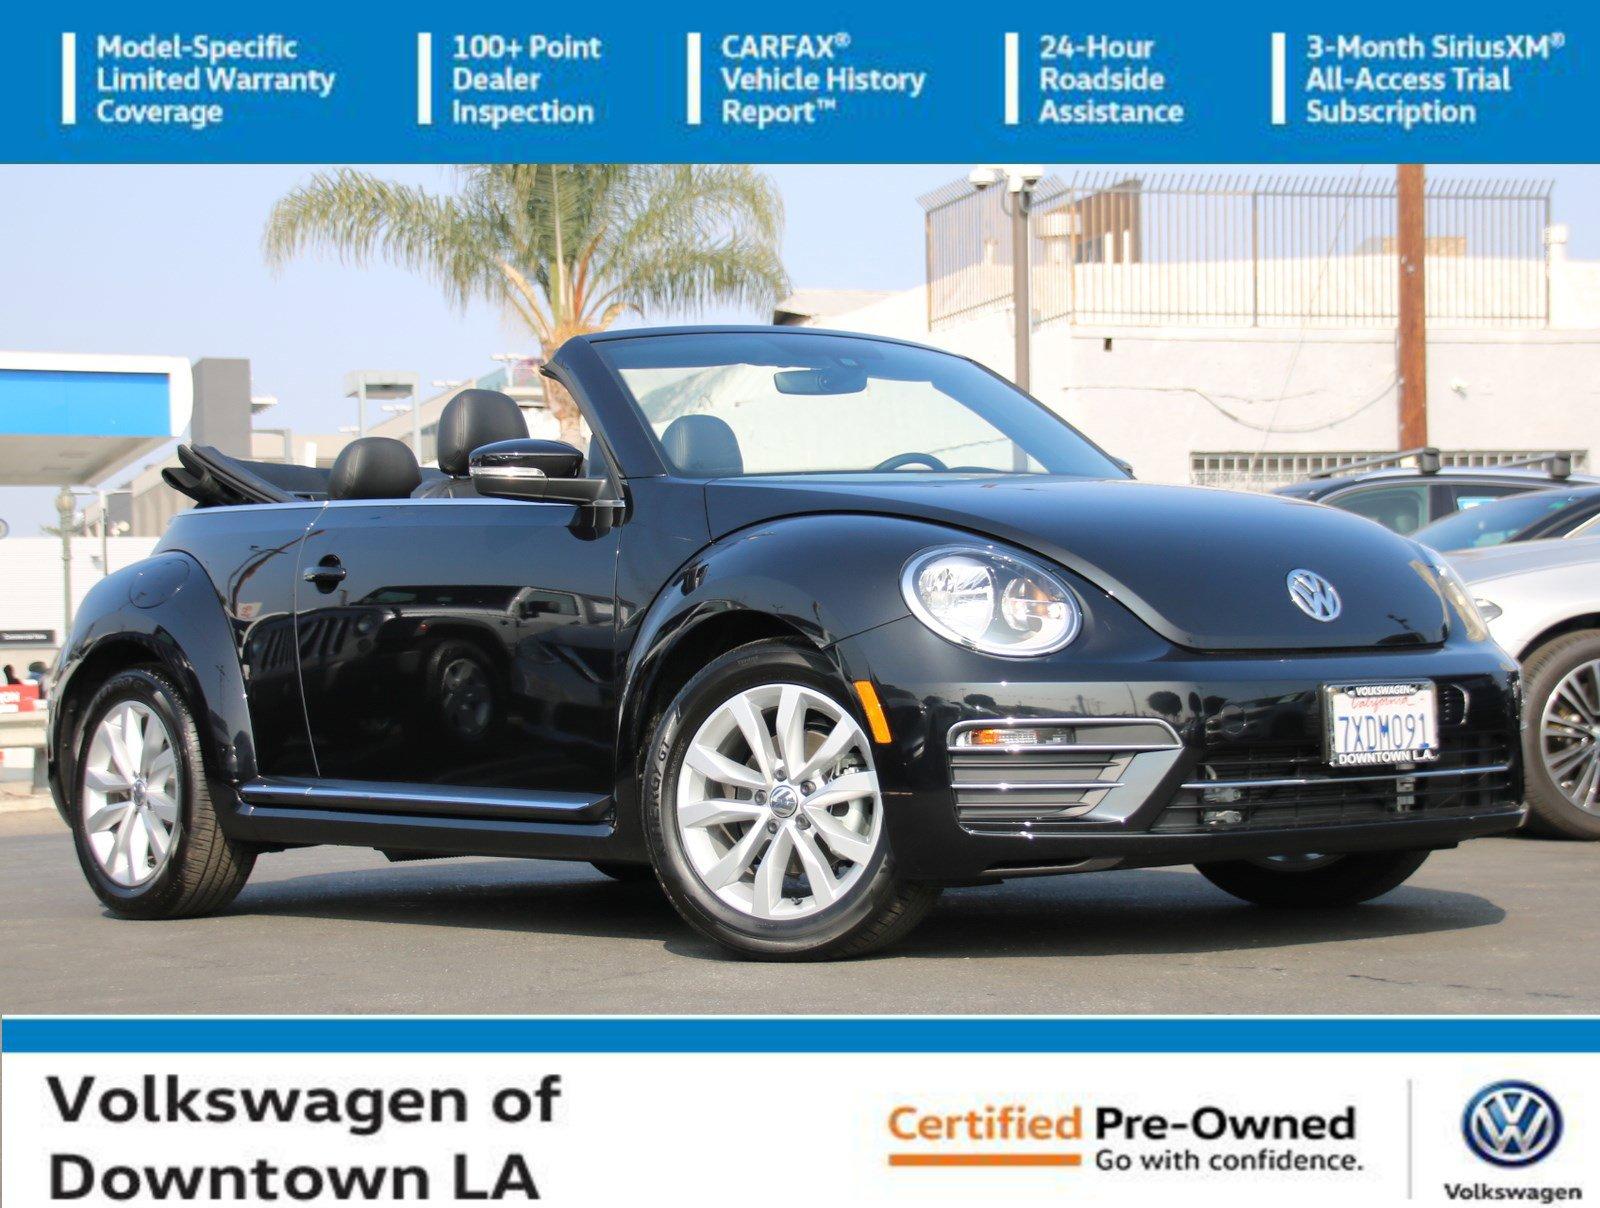 2017 Volkswagen Beetle 1.8T Convertible image